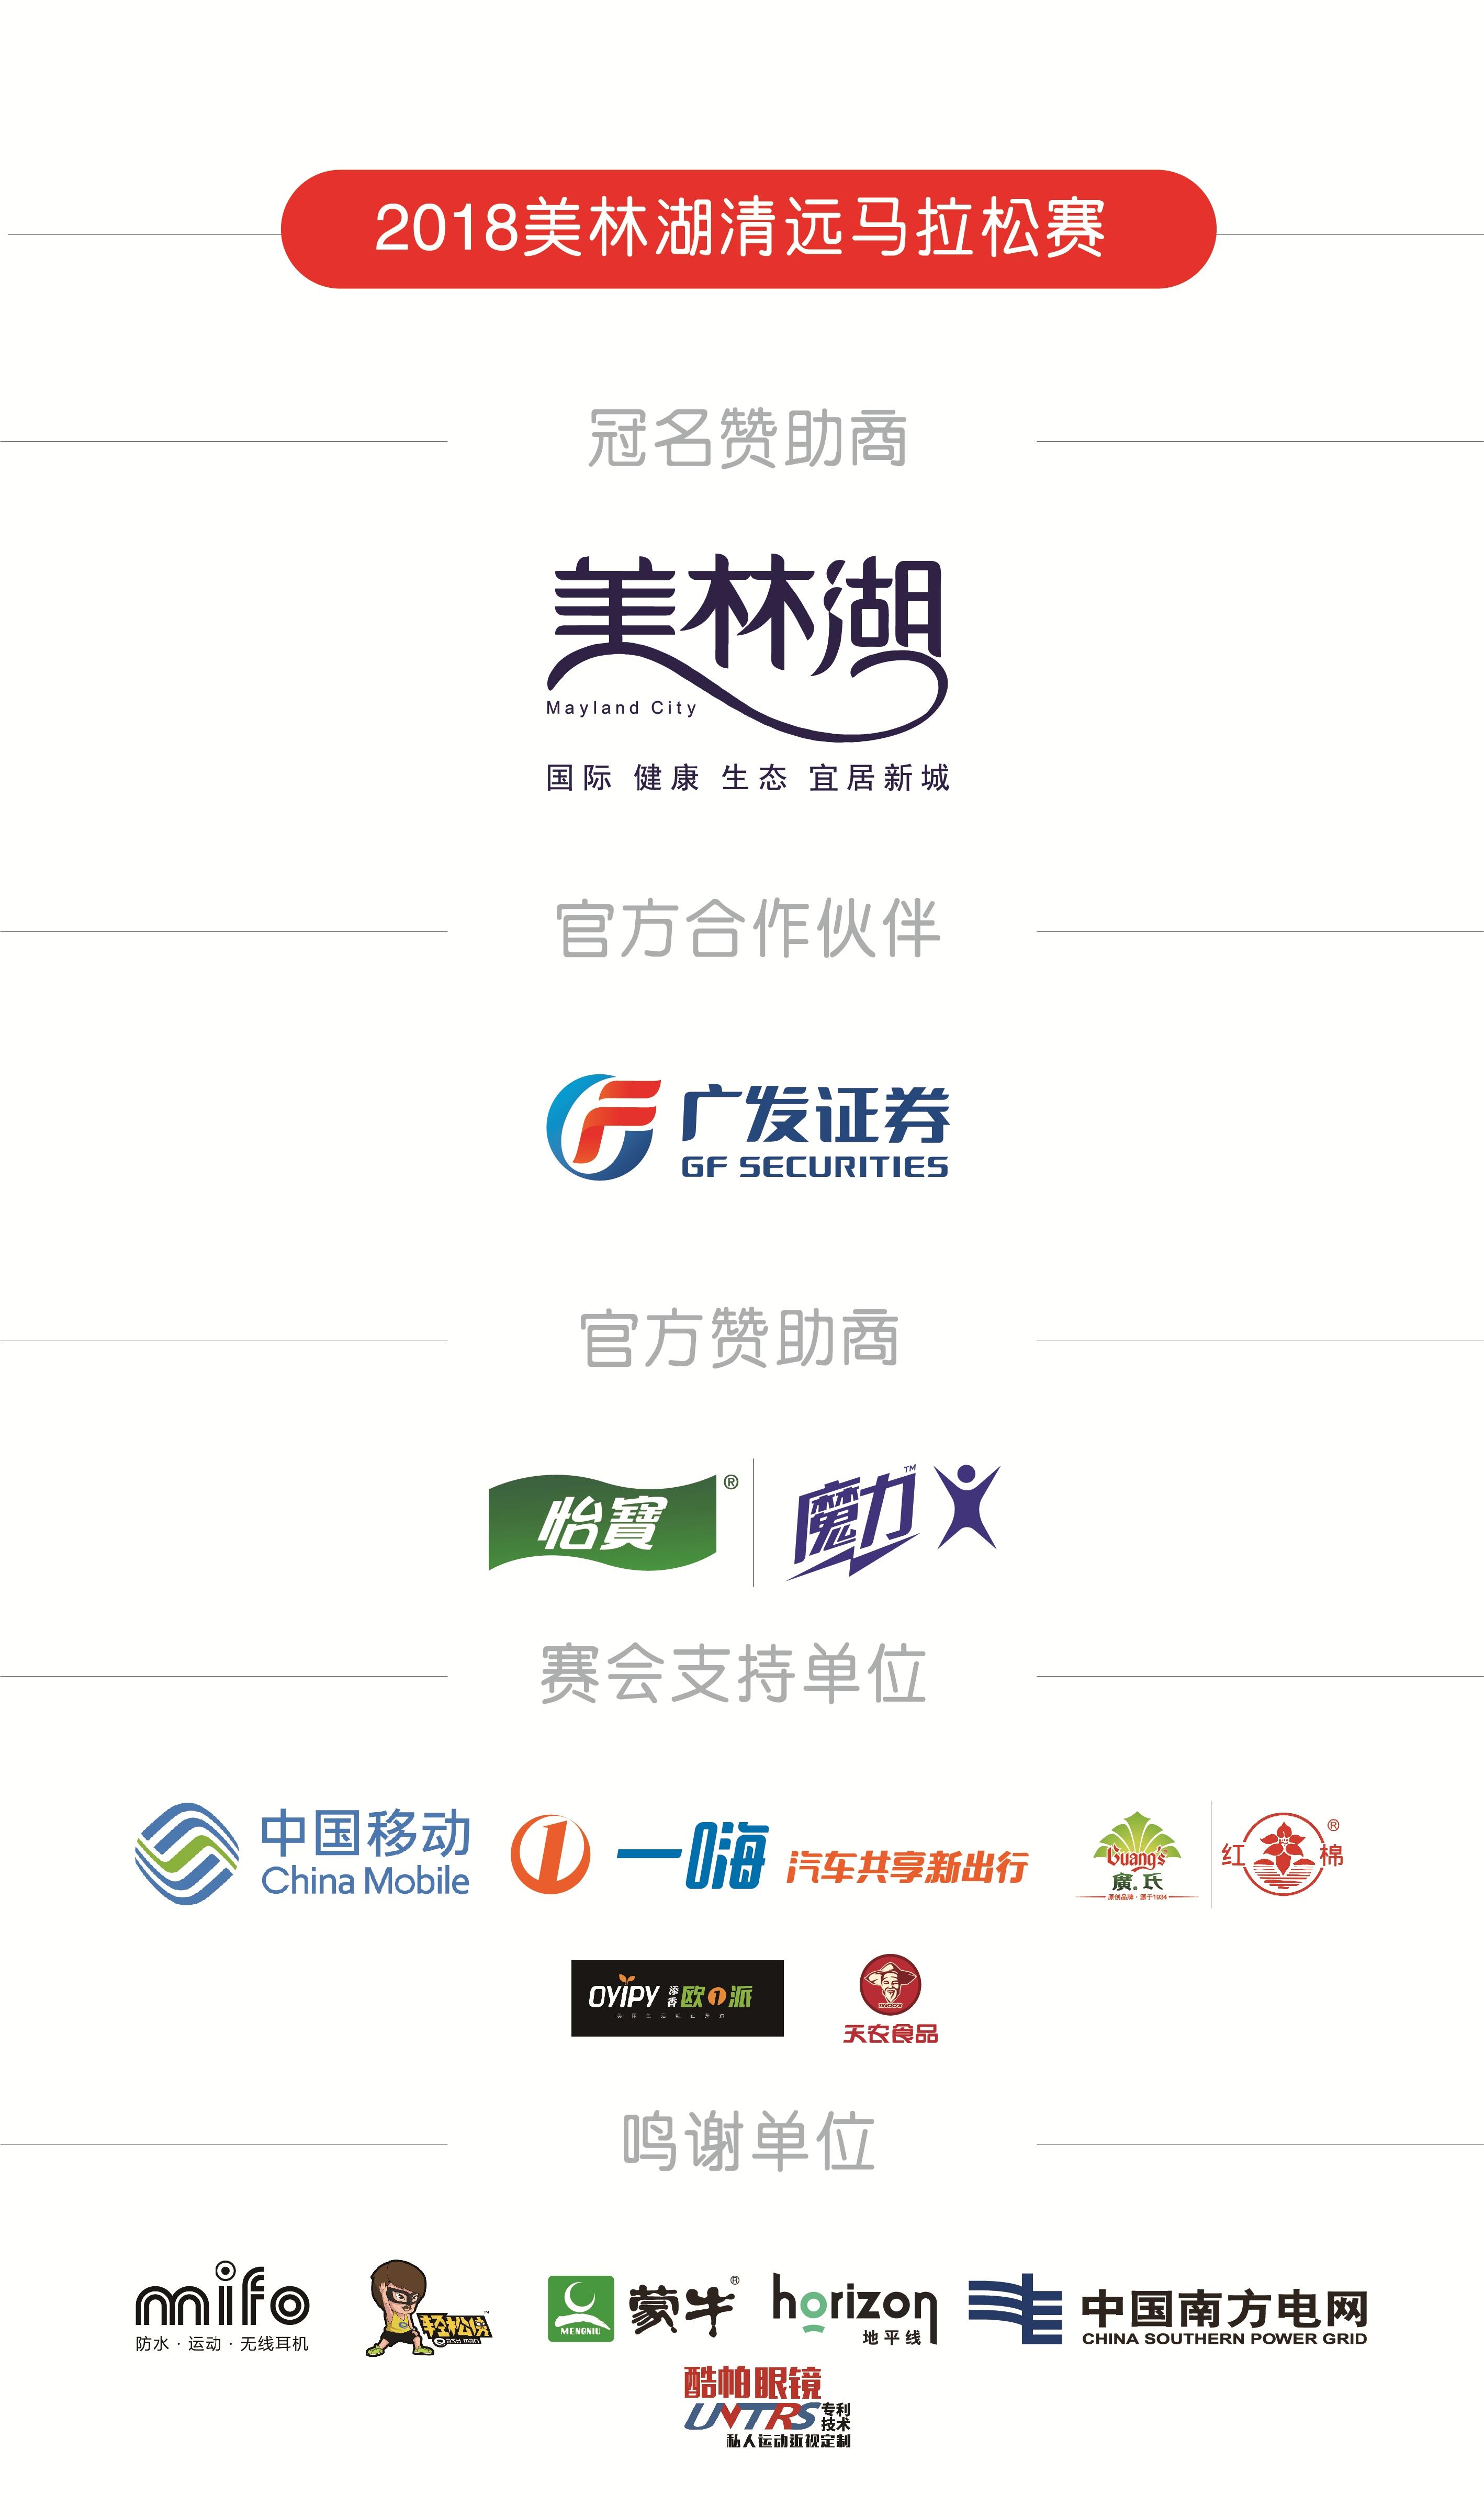 http://img.sport-china.cn/180305115a9cb8d1935f7.jpeg